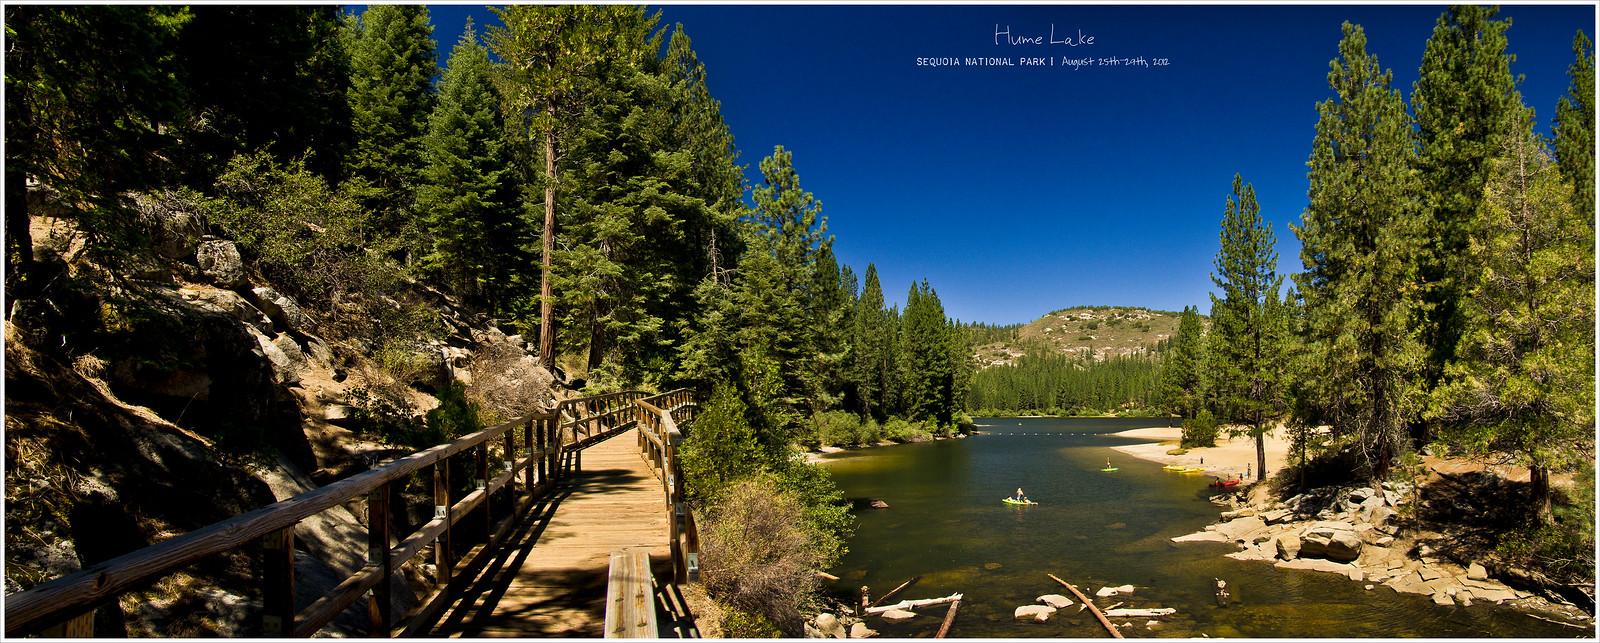 和千年大树的约会 - 紅杉樹國家公園